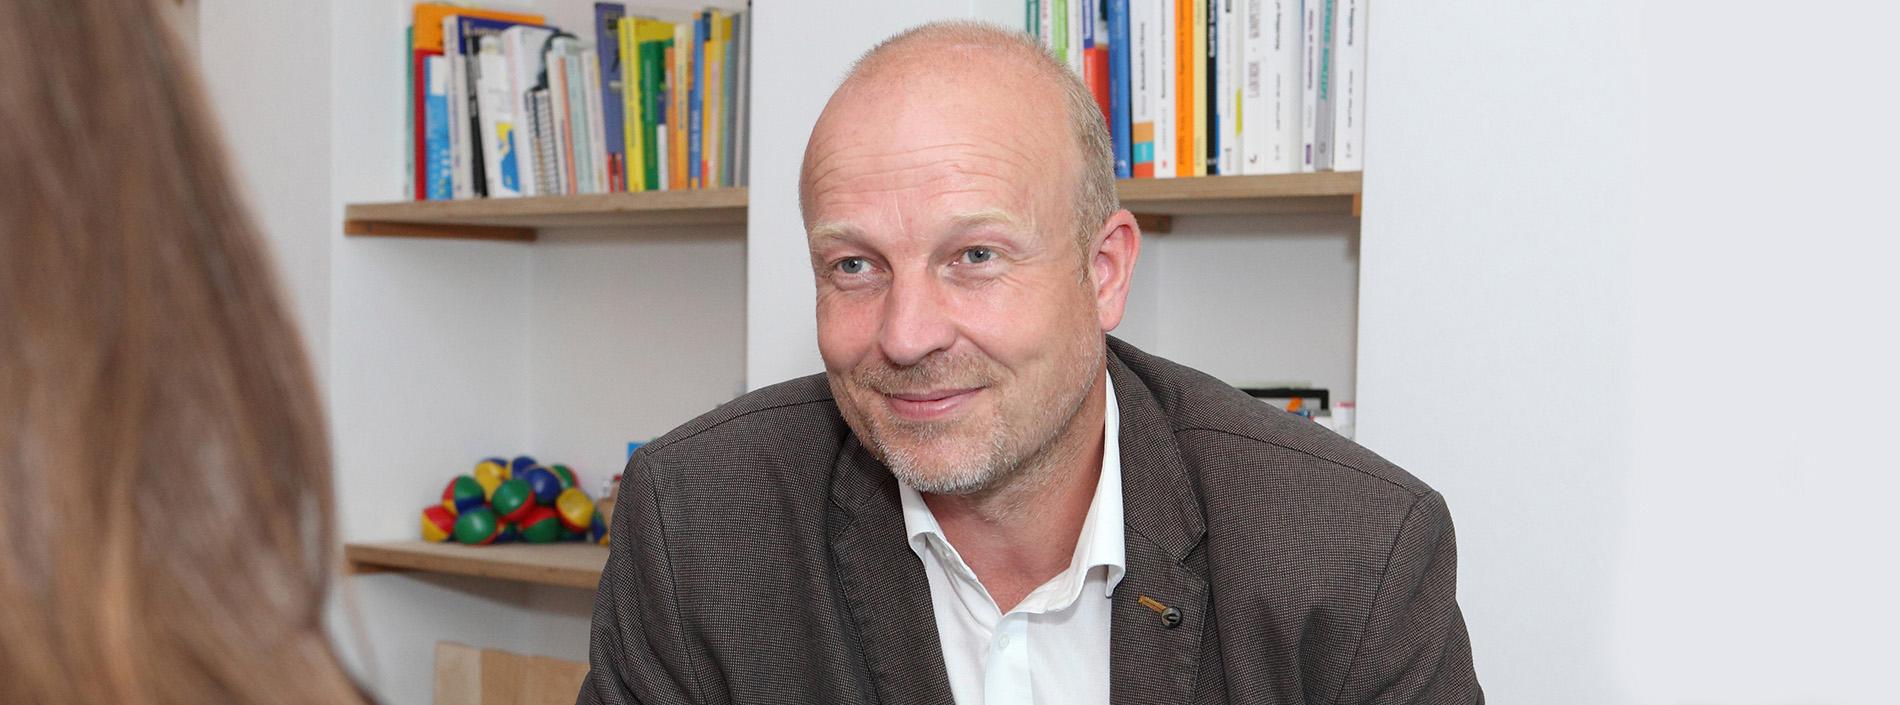 Frank Österreicher Supervision Köln